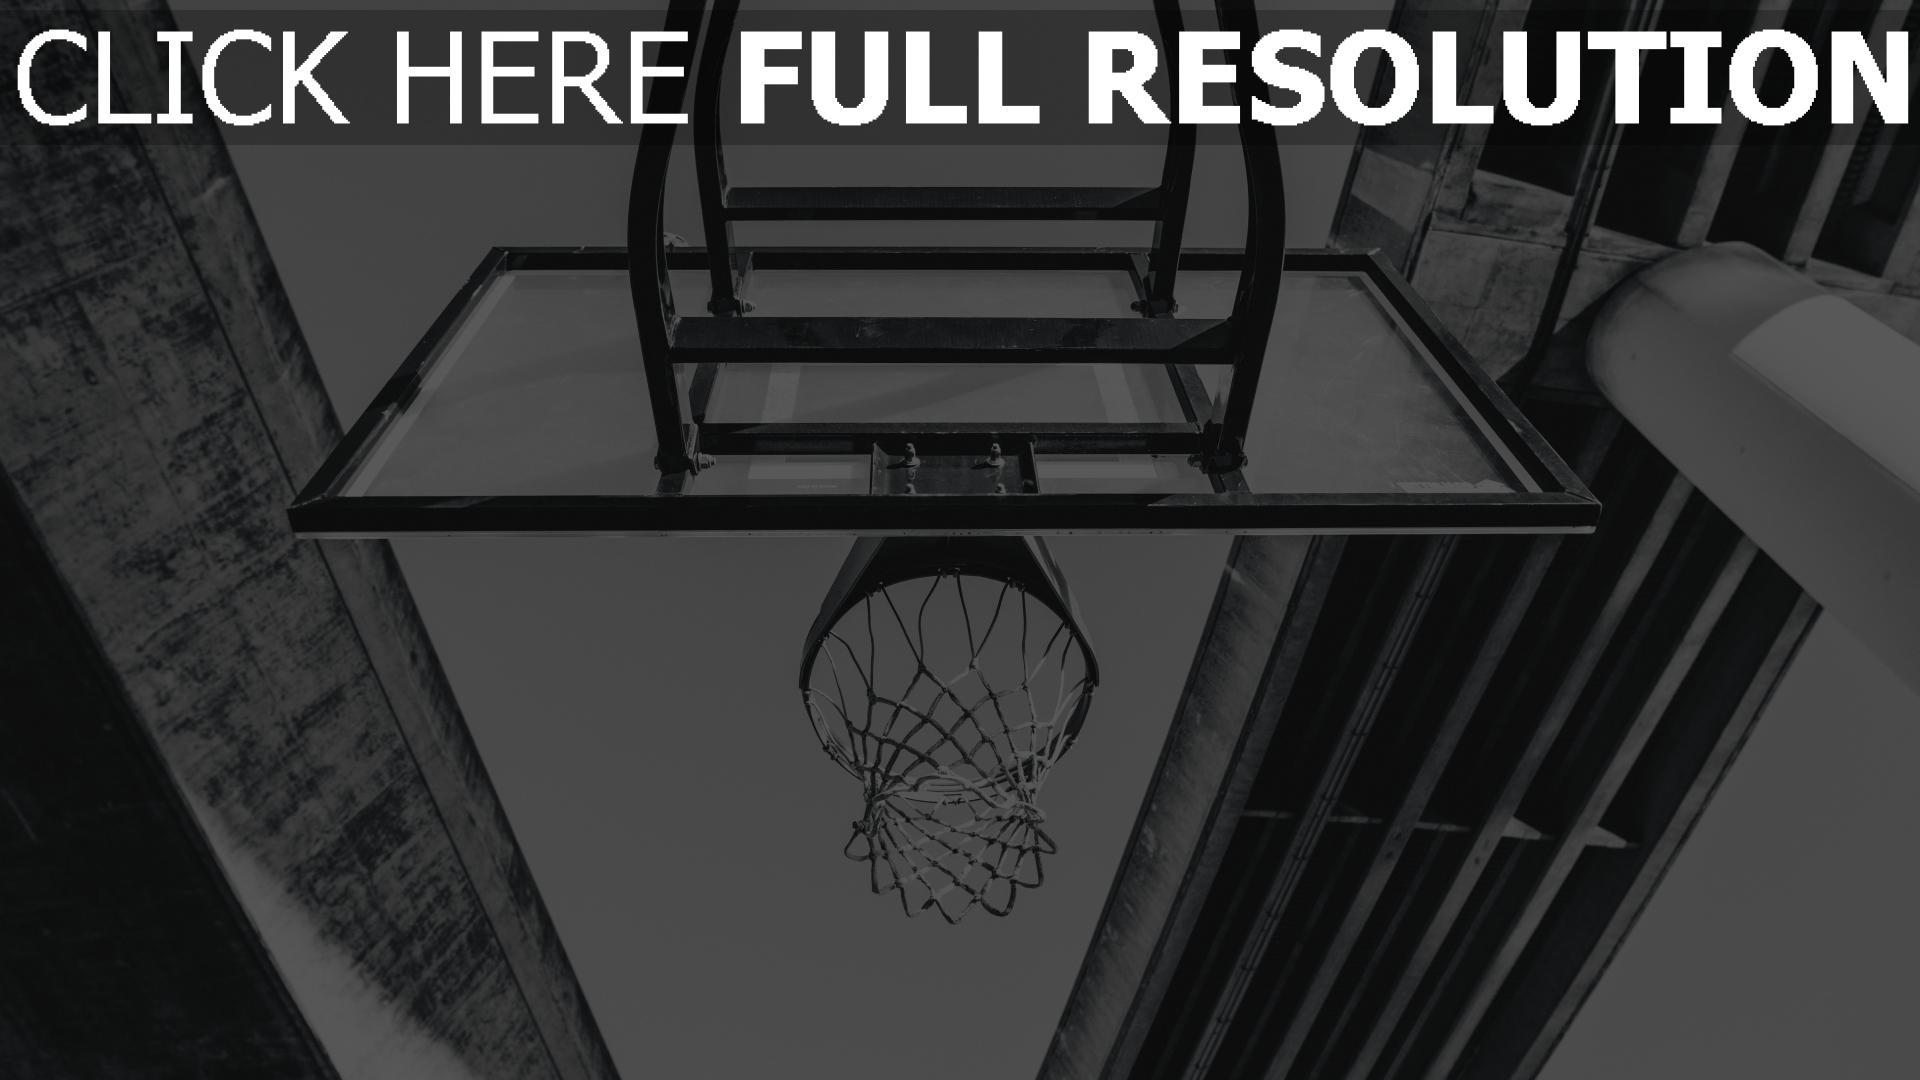 hd hintergrundbilder schwarz-weiß basketball ring netz brücke 1920x1080